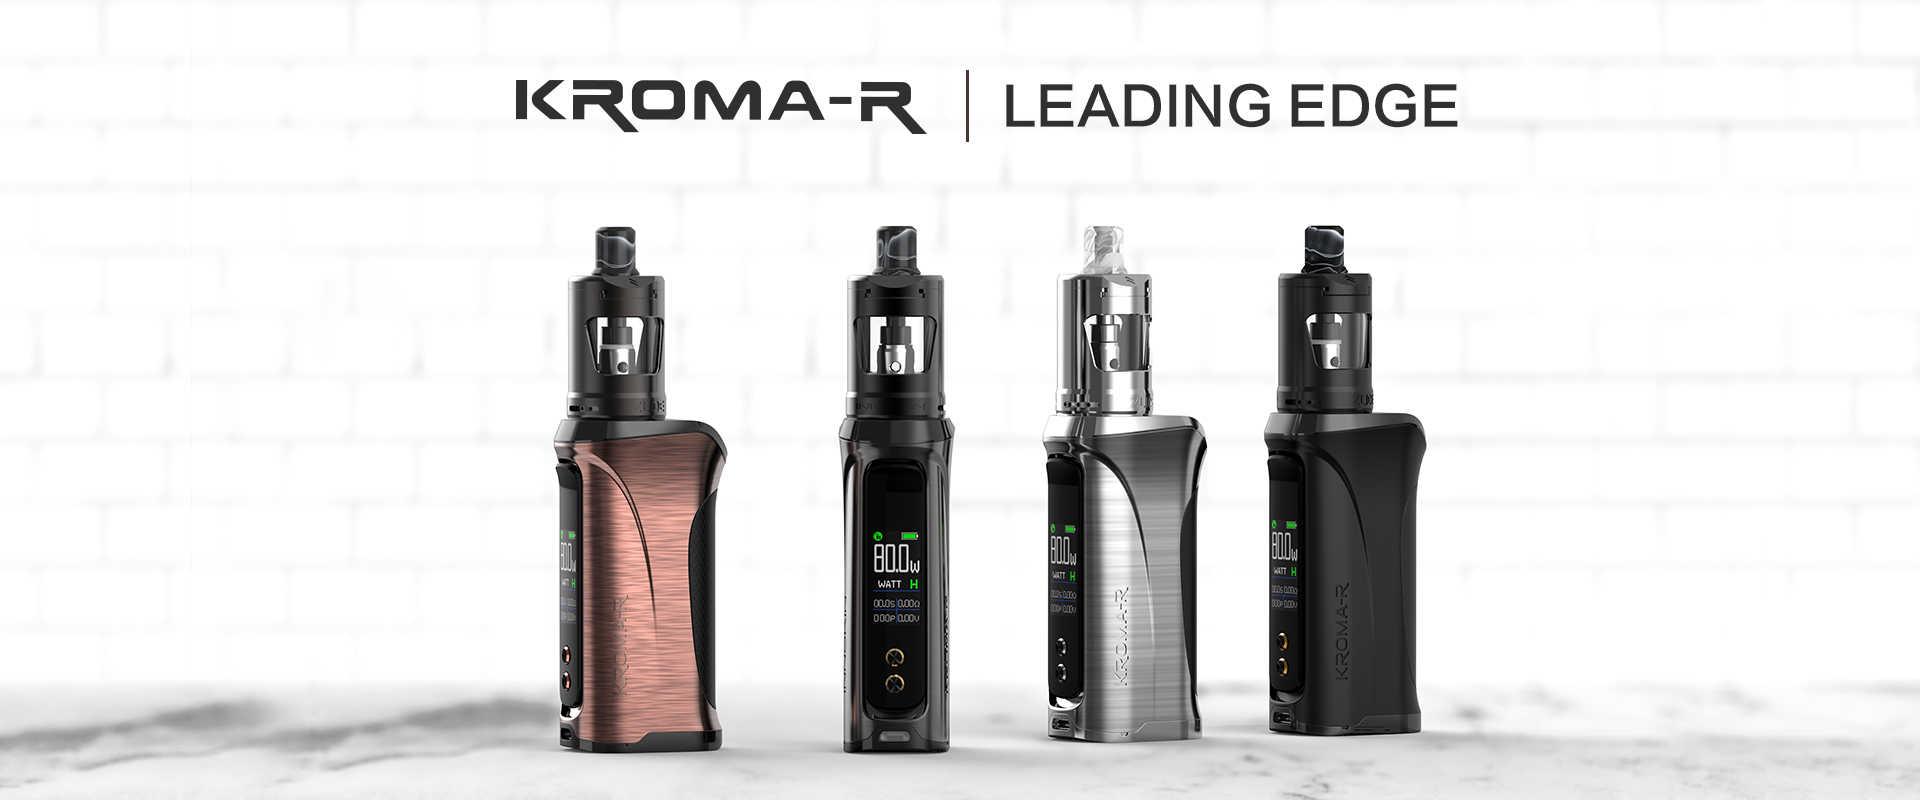 Pack Kroma-R Zlide 80W Innokin